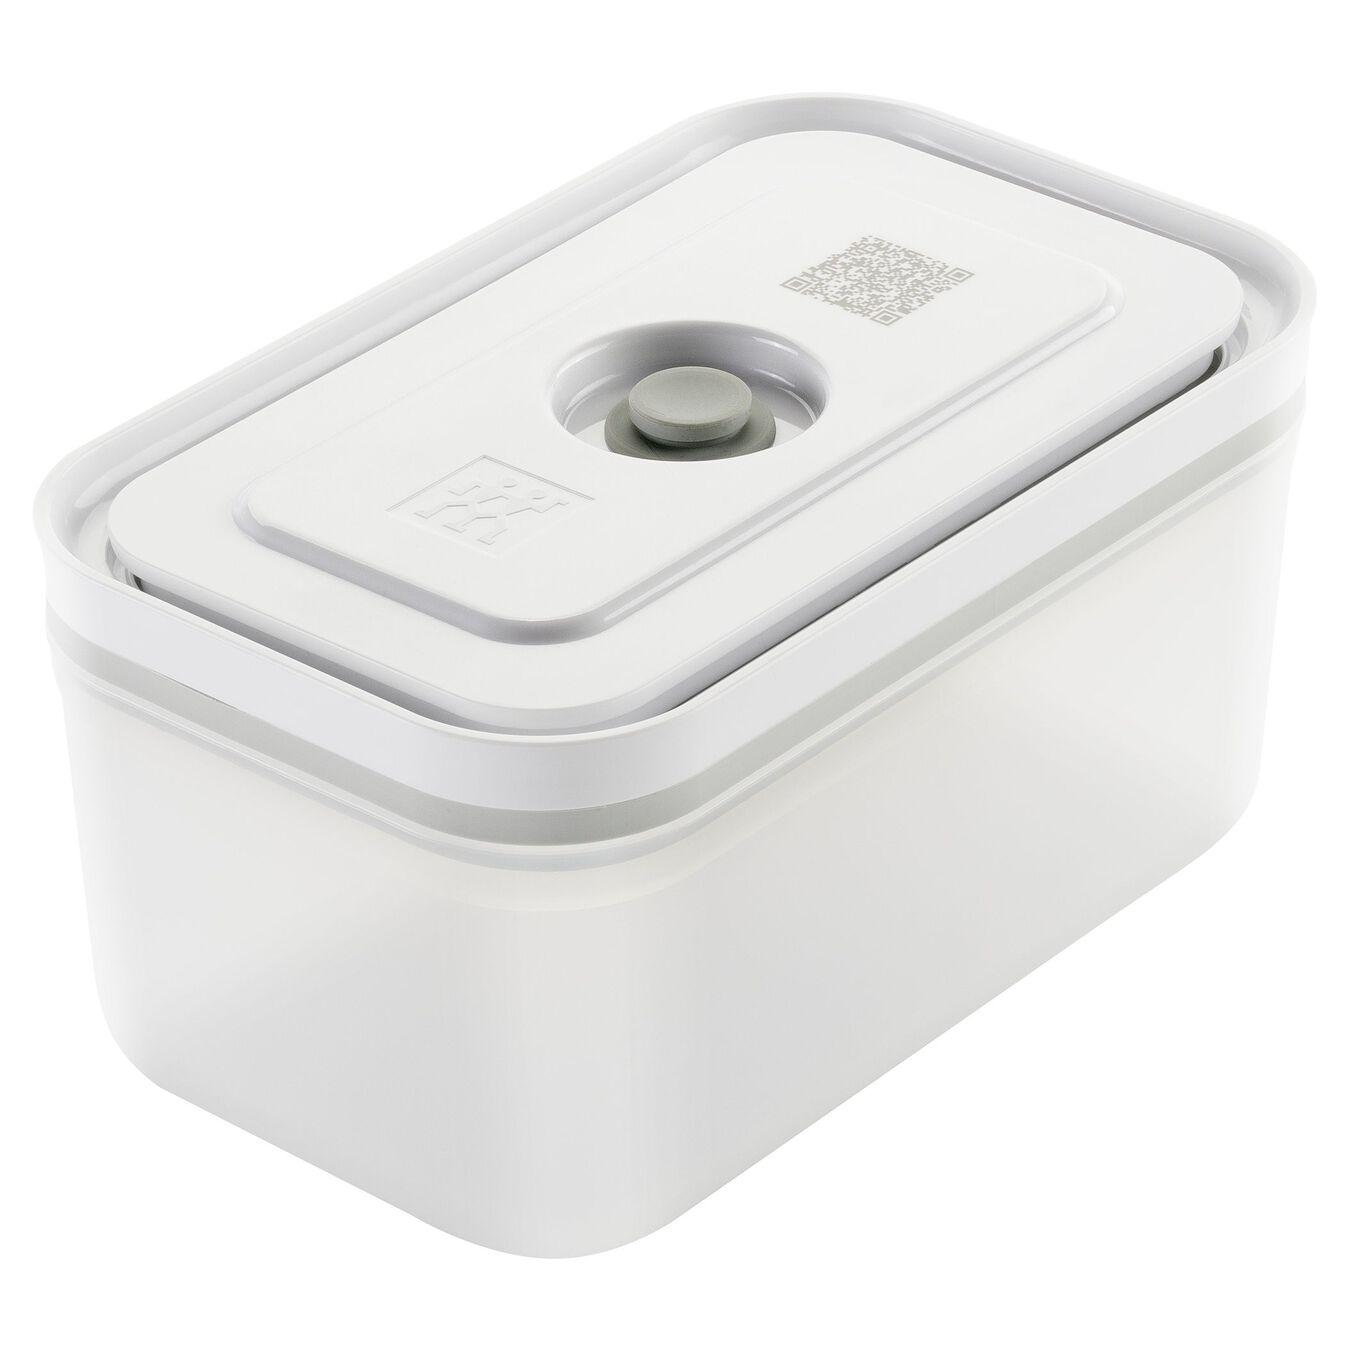 Vakuum Starterset, Kunststoff / M/L, 7-tlg, Weiß,,large 3